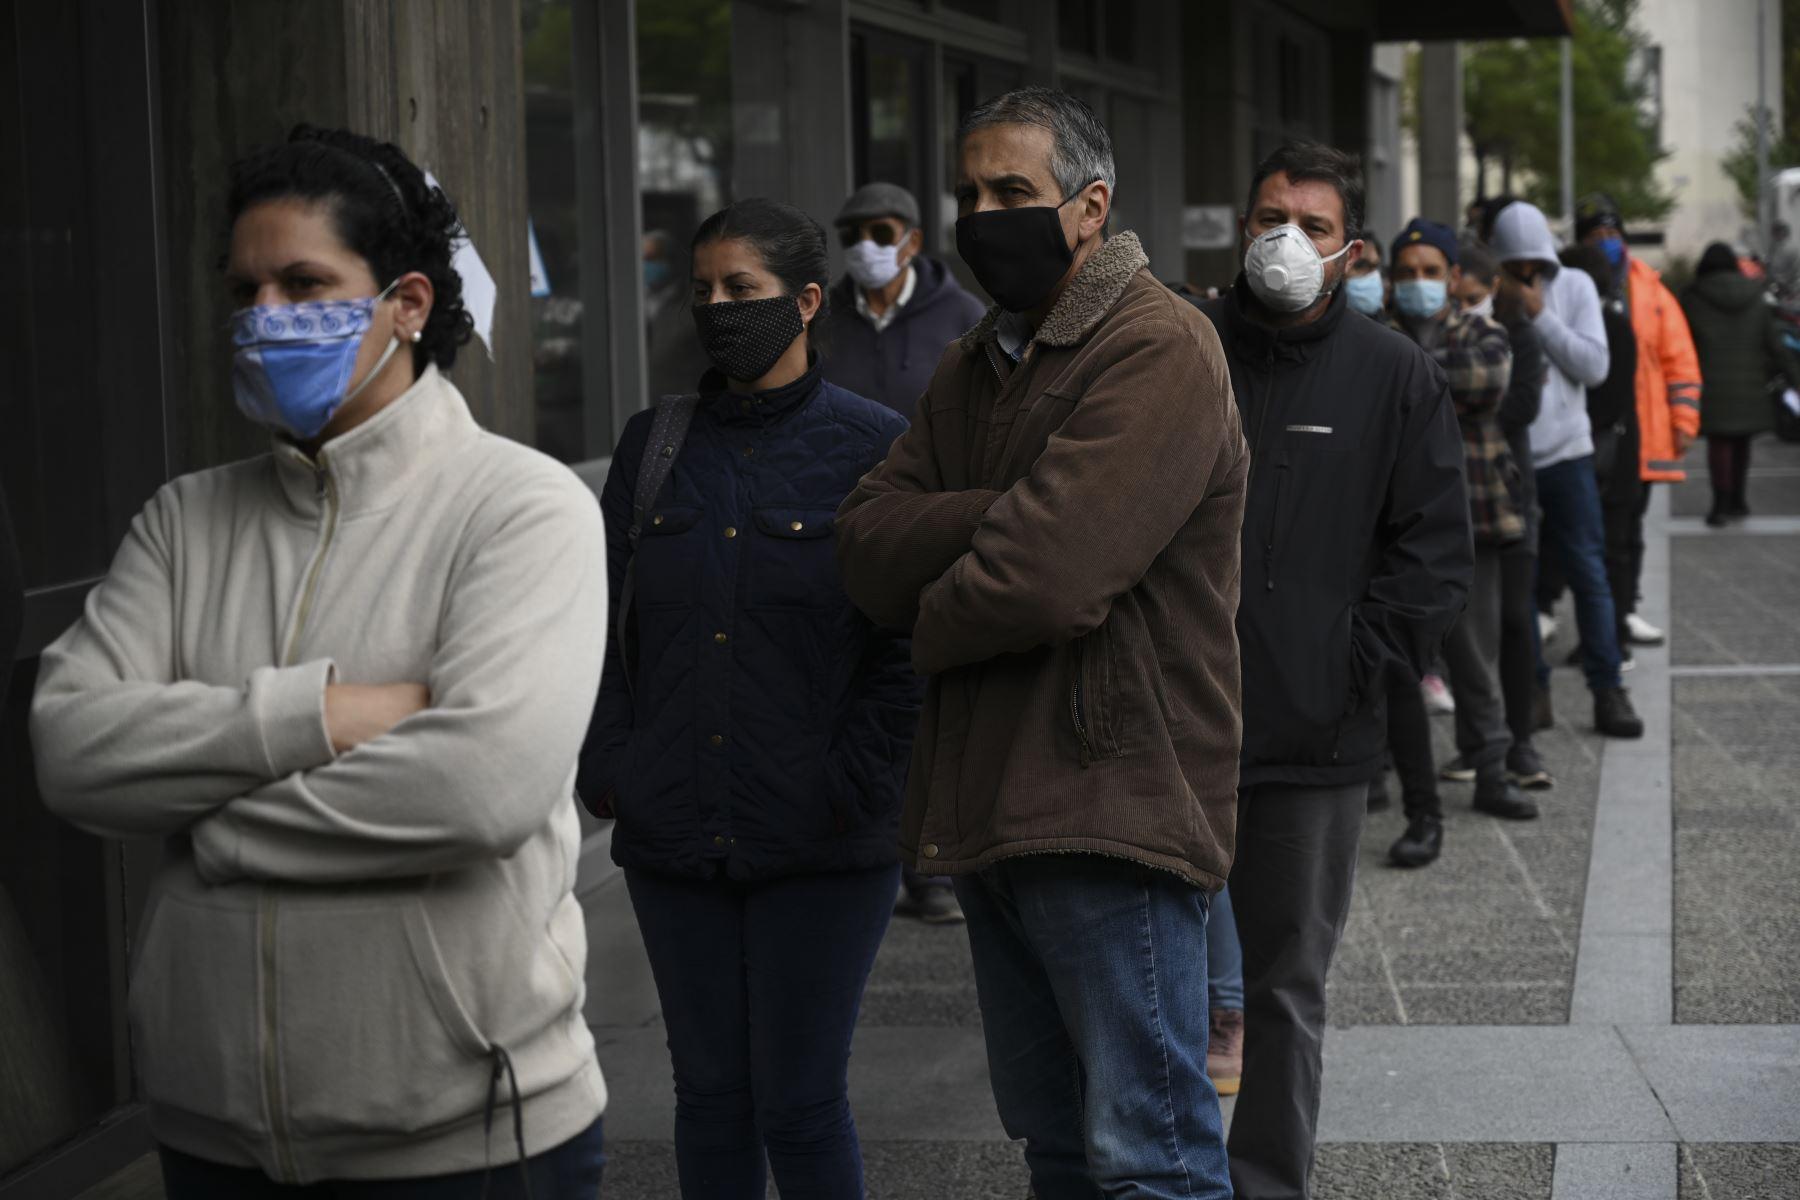 Personas con máscaras faciales se alinean frente al edificio de seguridad social de propiedad estatal uruguaya en Montevideo. Foto: AFP